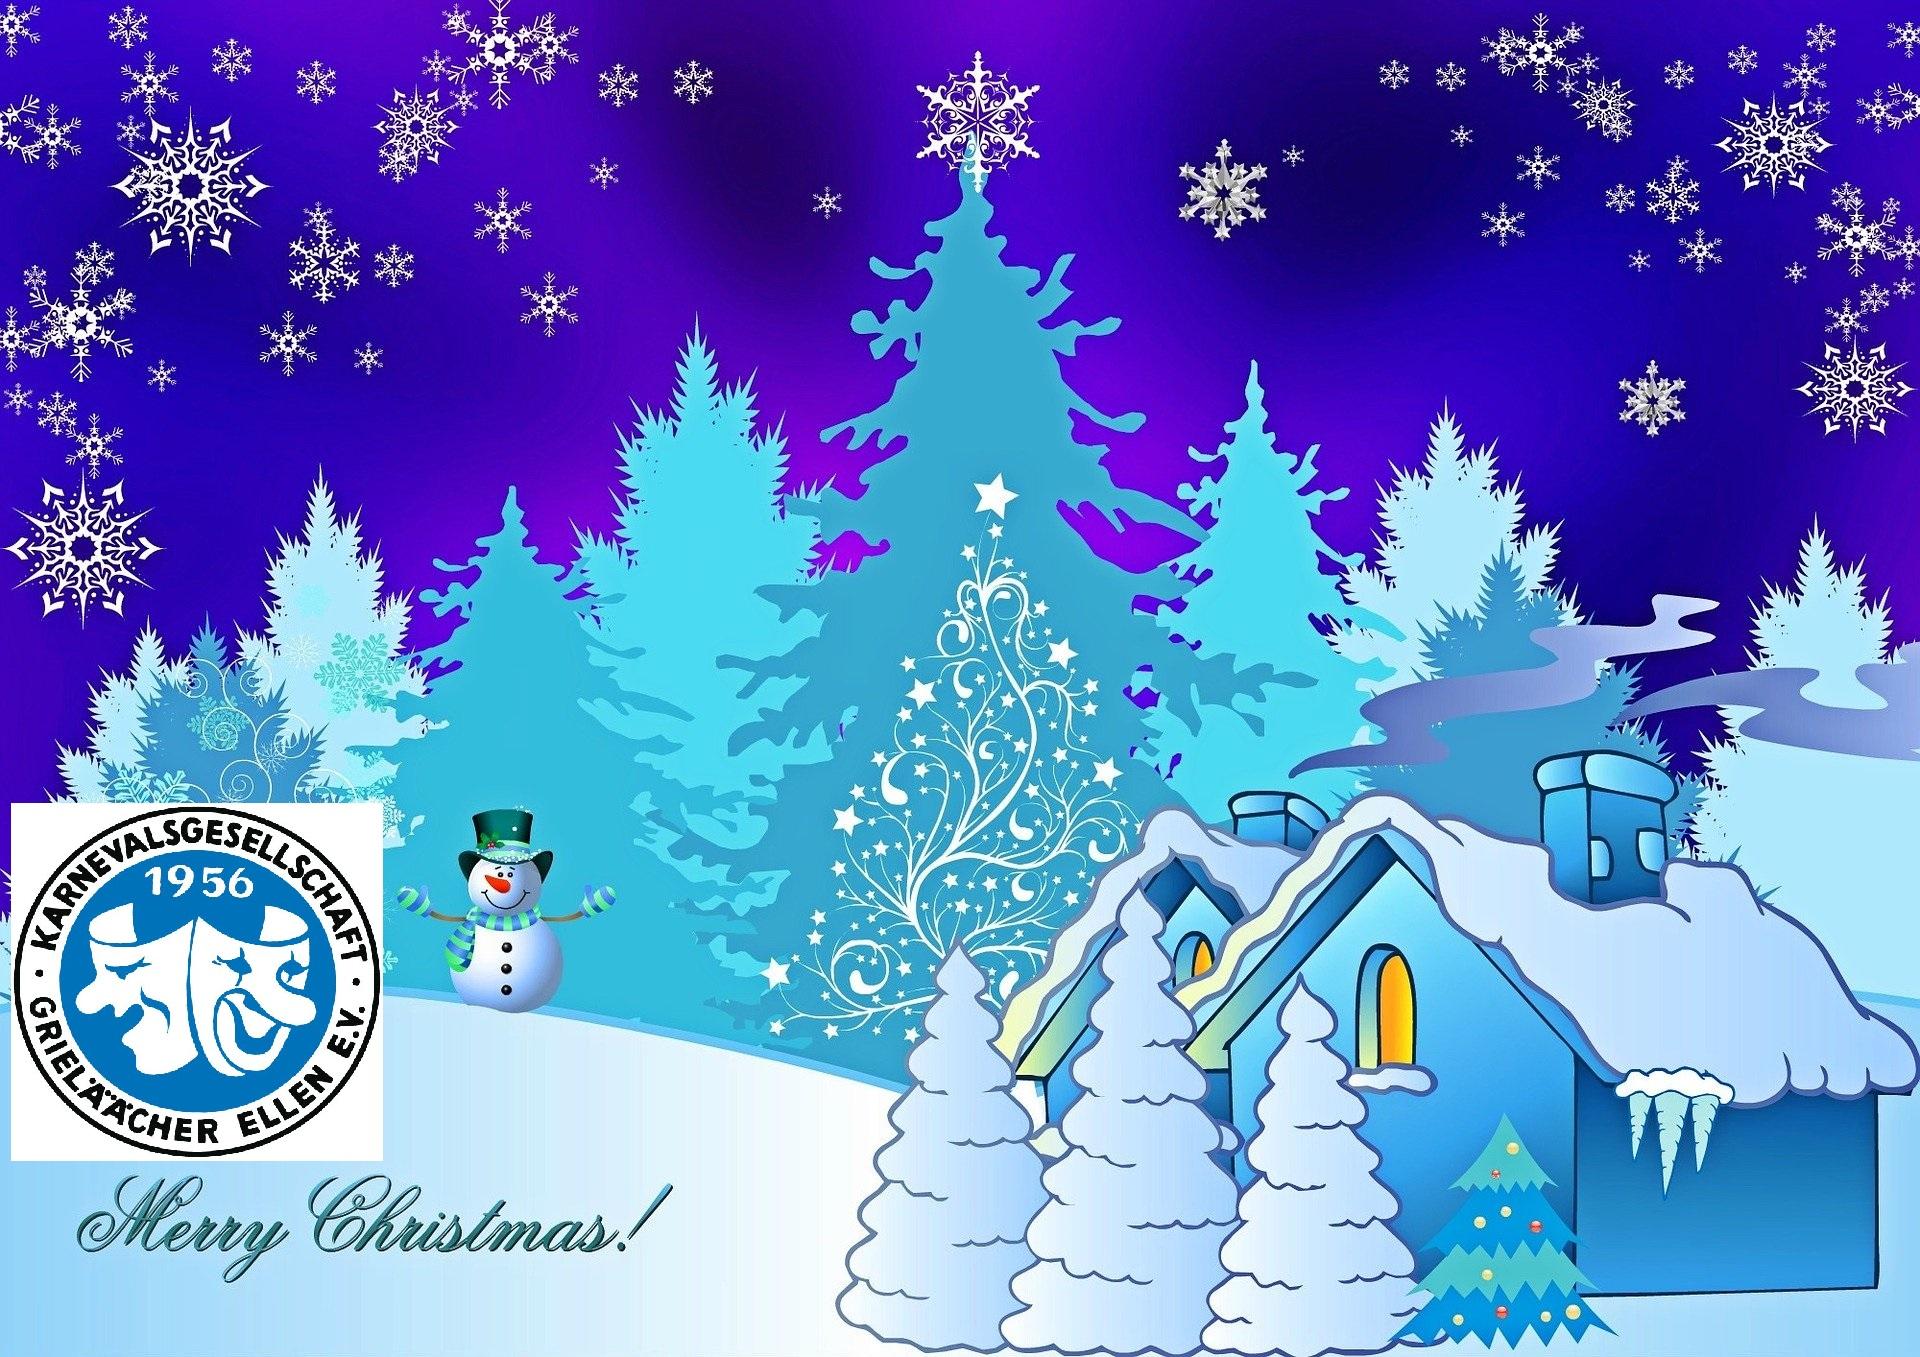 Wir wünschen euch Frohe Weihnachten!